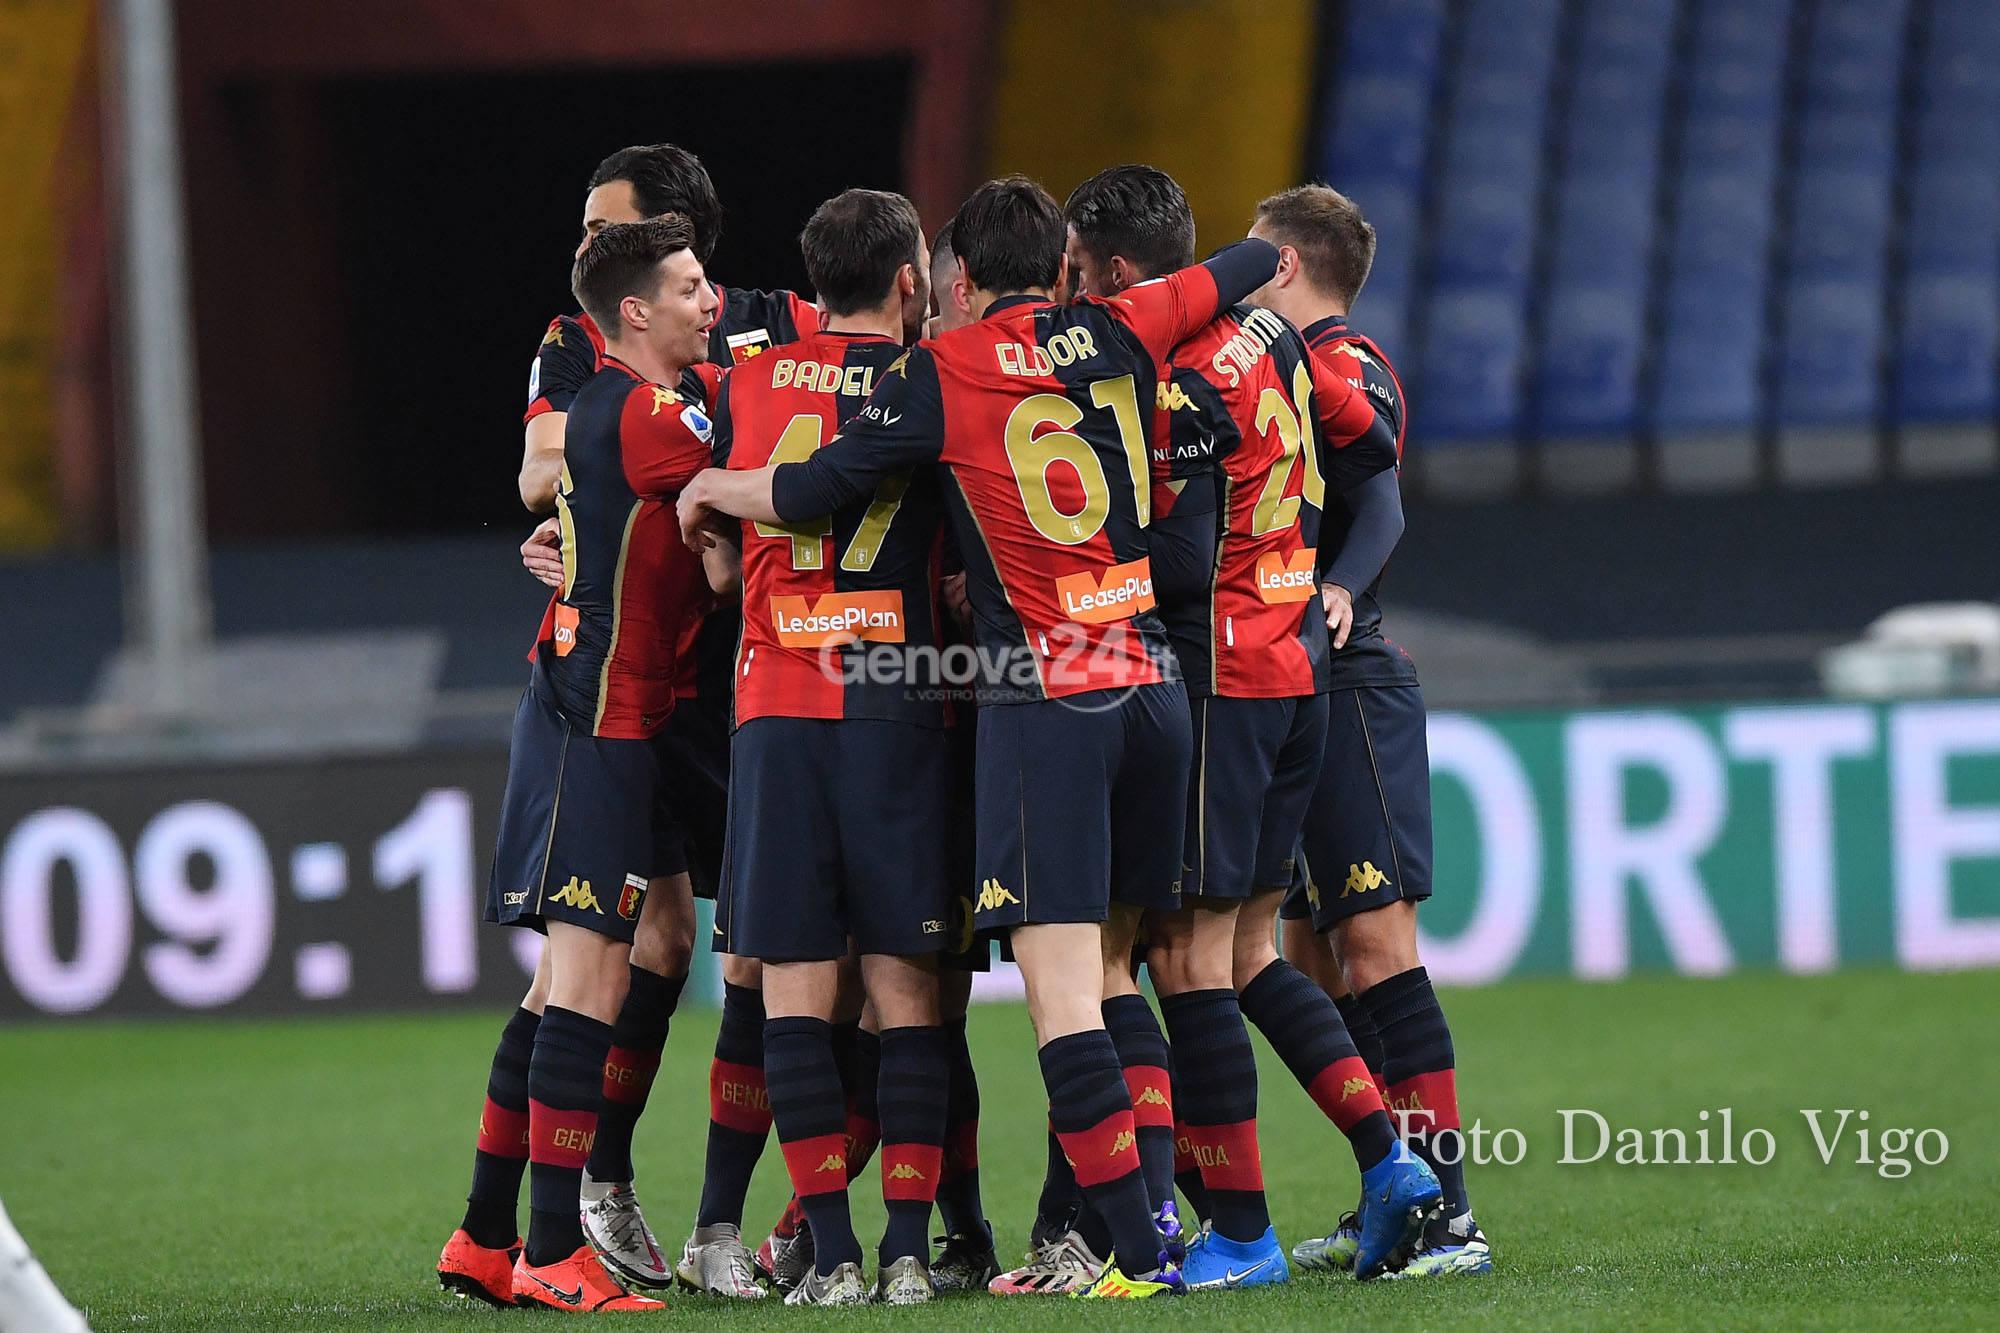 Genoavs Udinese